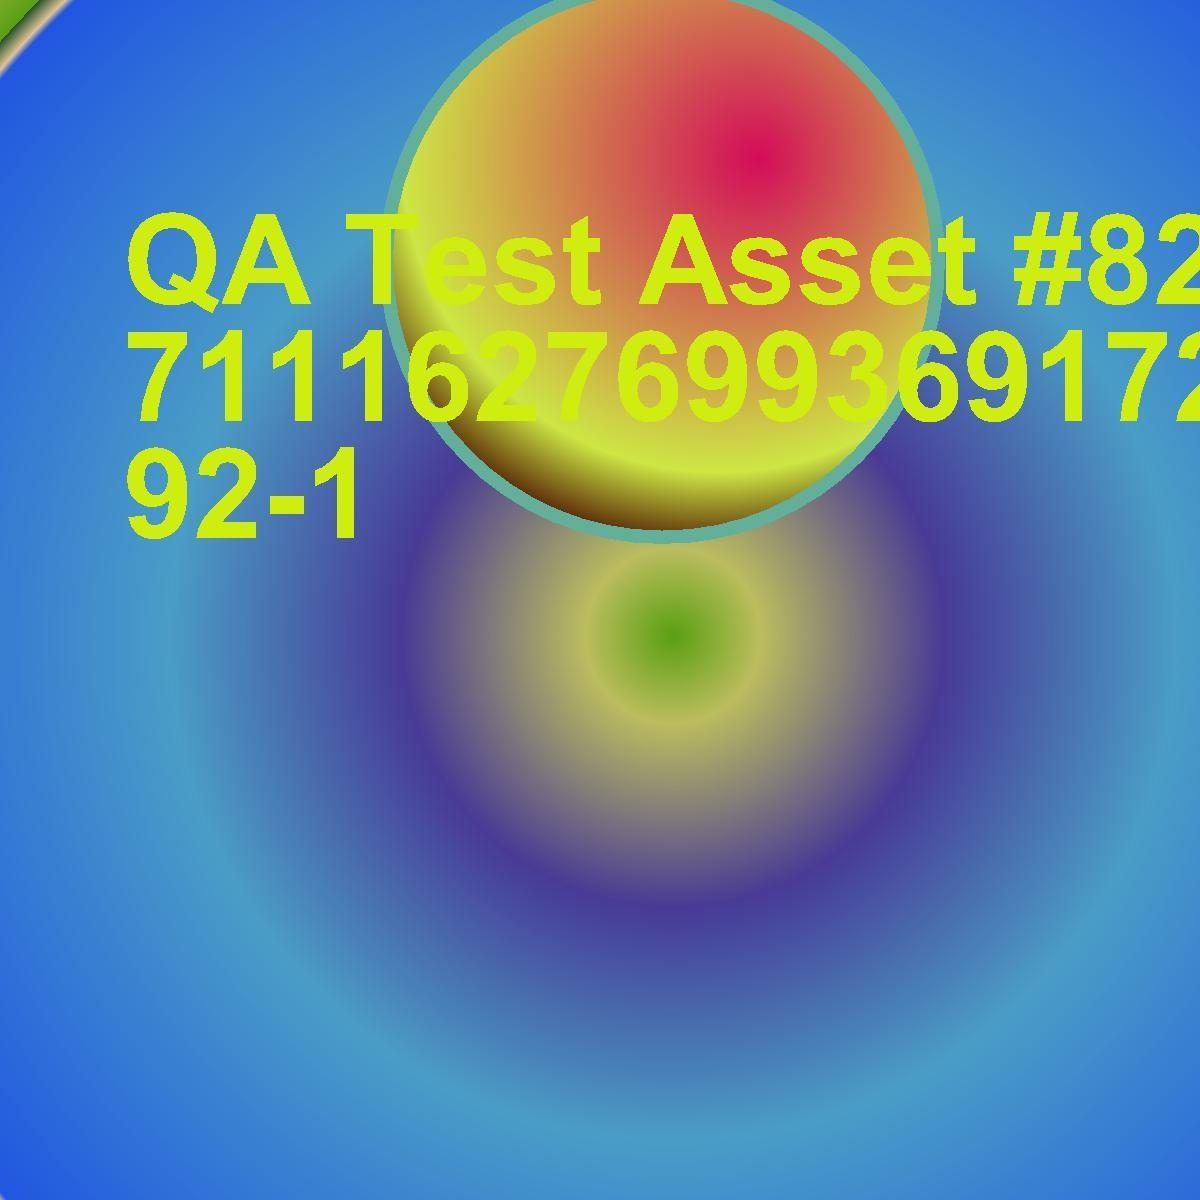 qathumb1342760180320449899.jpg